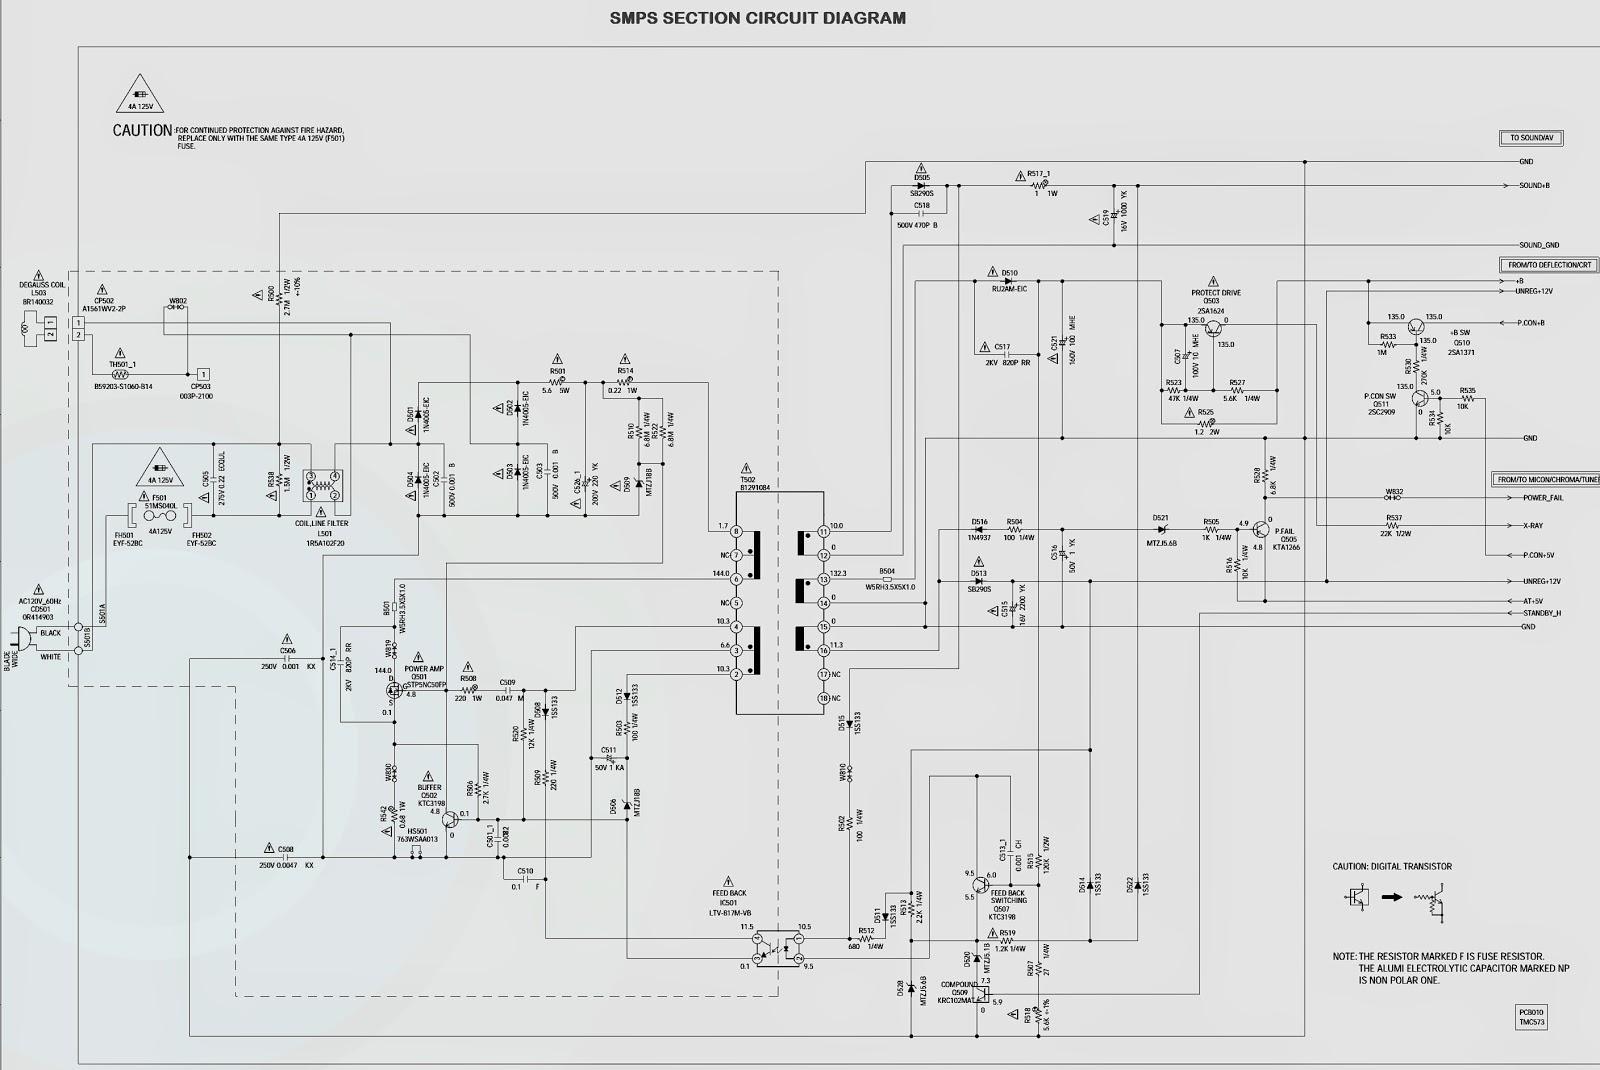 Electro help: PANASONIC CT-Z1423 _ CIRCUIT DIAGRAM